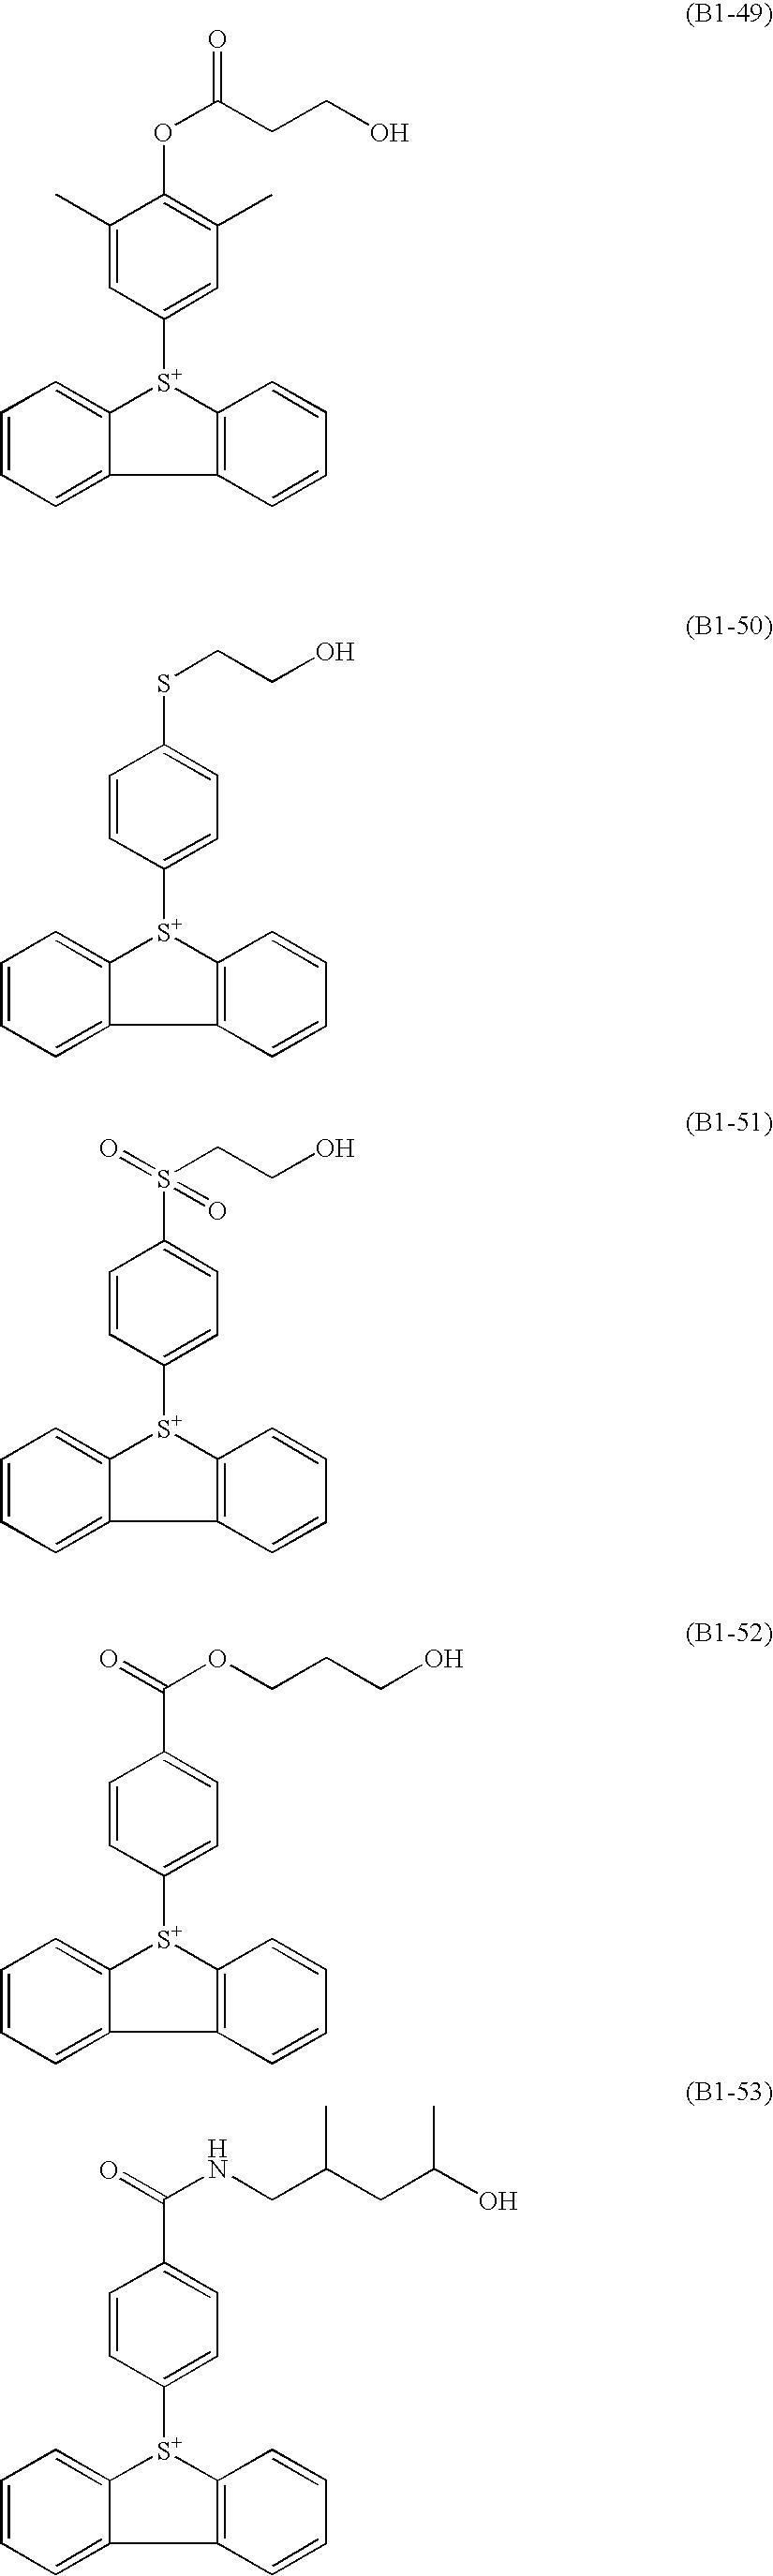 Figure US20100183975A1-20100722-C00020